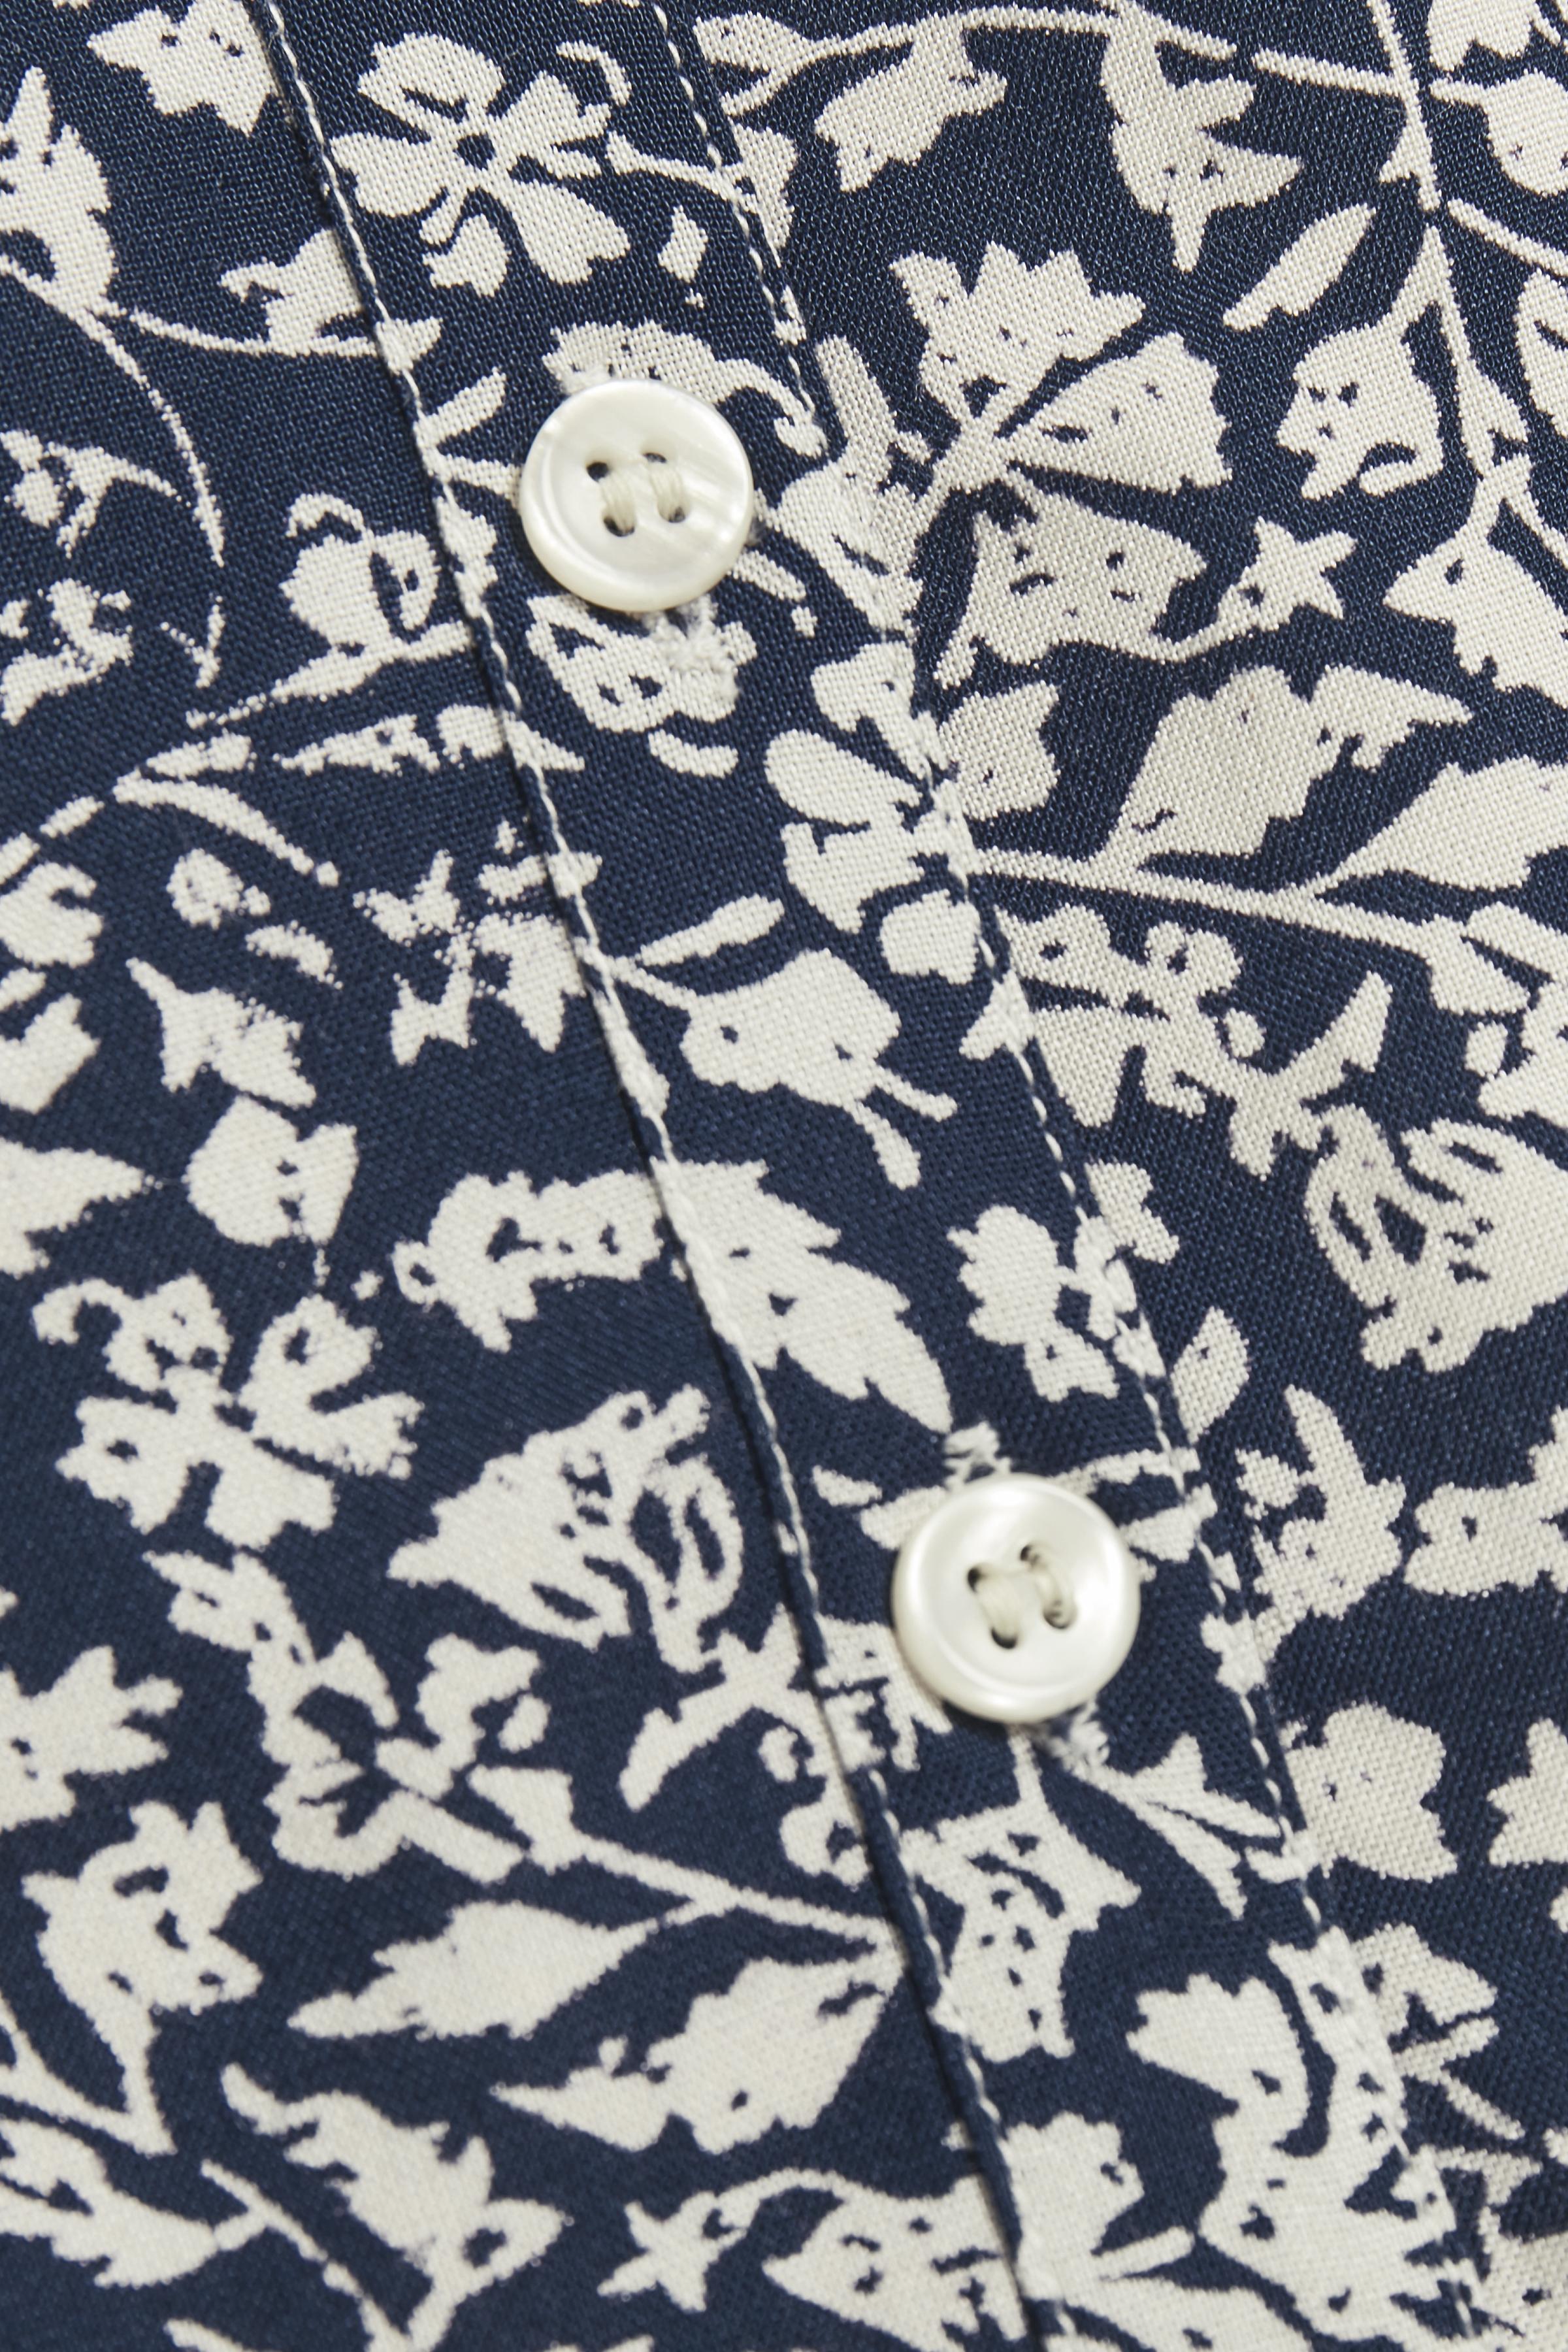 Dunkelblau/creme Kurzarm-Hemd von Bon'A Parte – Shoppen Sie Dunkelblau/creme Kurzarm-Hemd ab Gr. S-2XL hier